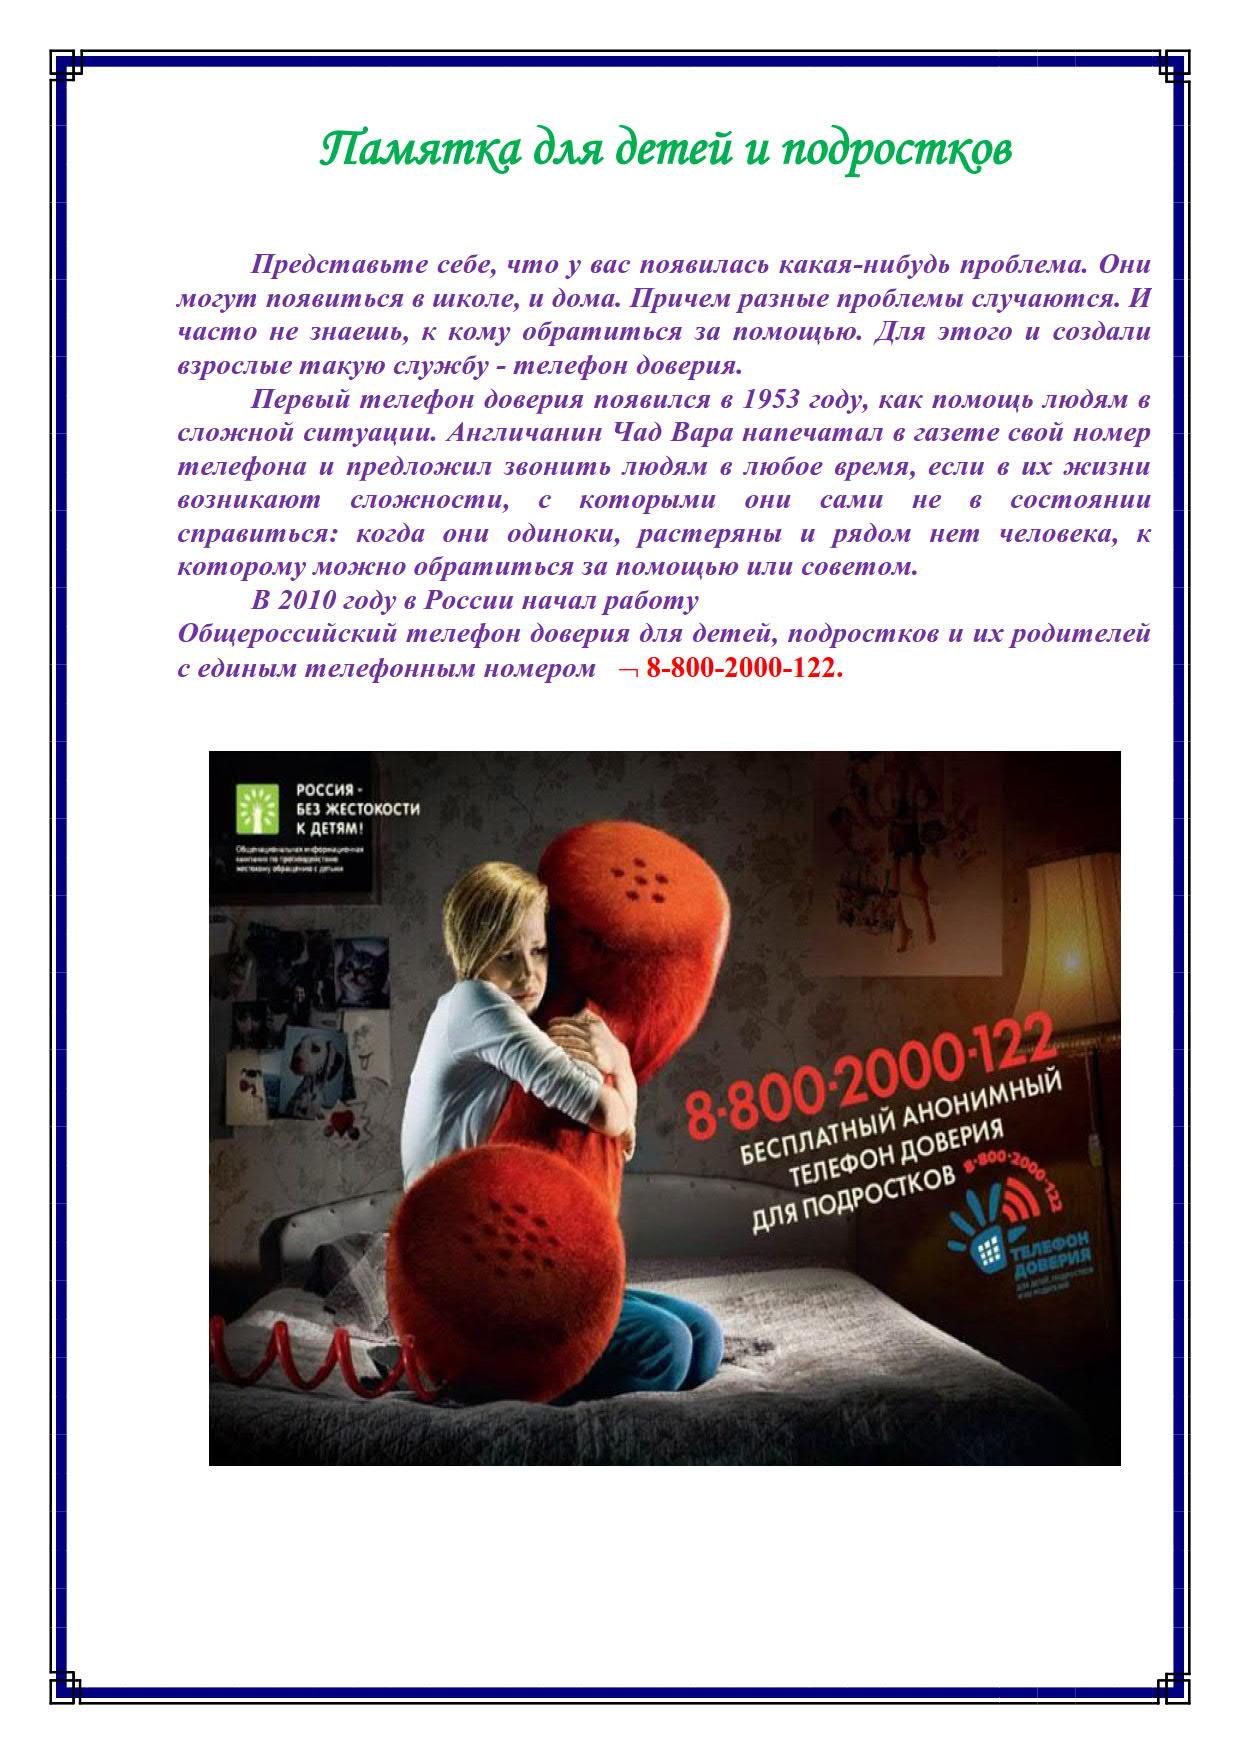 социальный педагог памятка для детей и подростков Телефон даверия 2_1